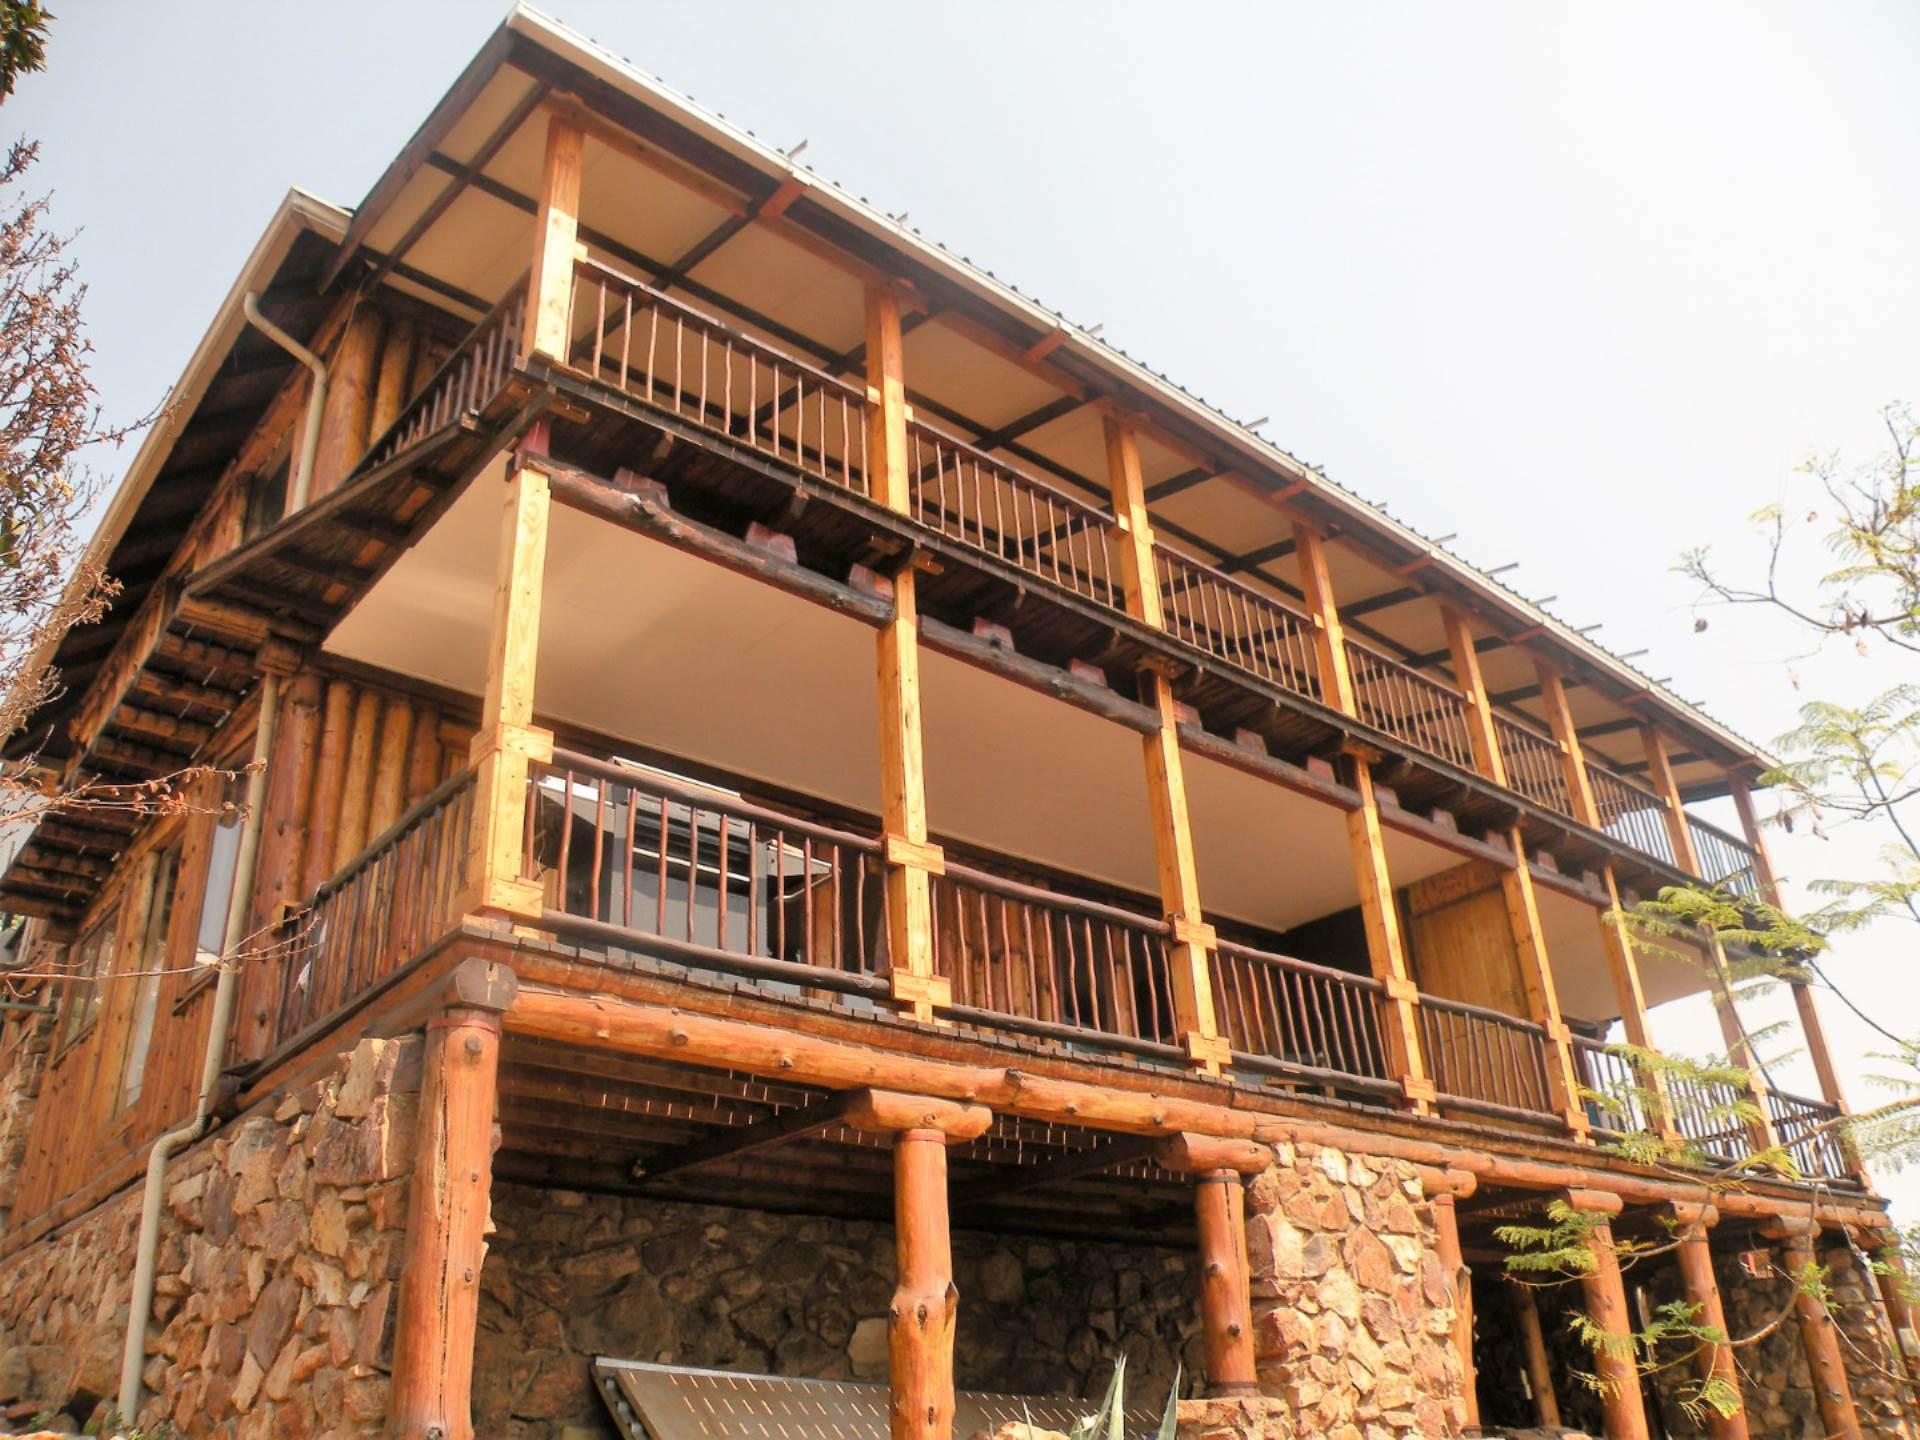 5 BedroomHouse For Sale In Meerhof